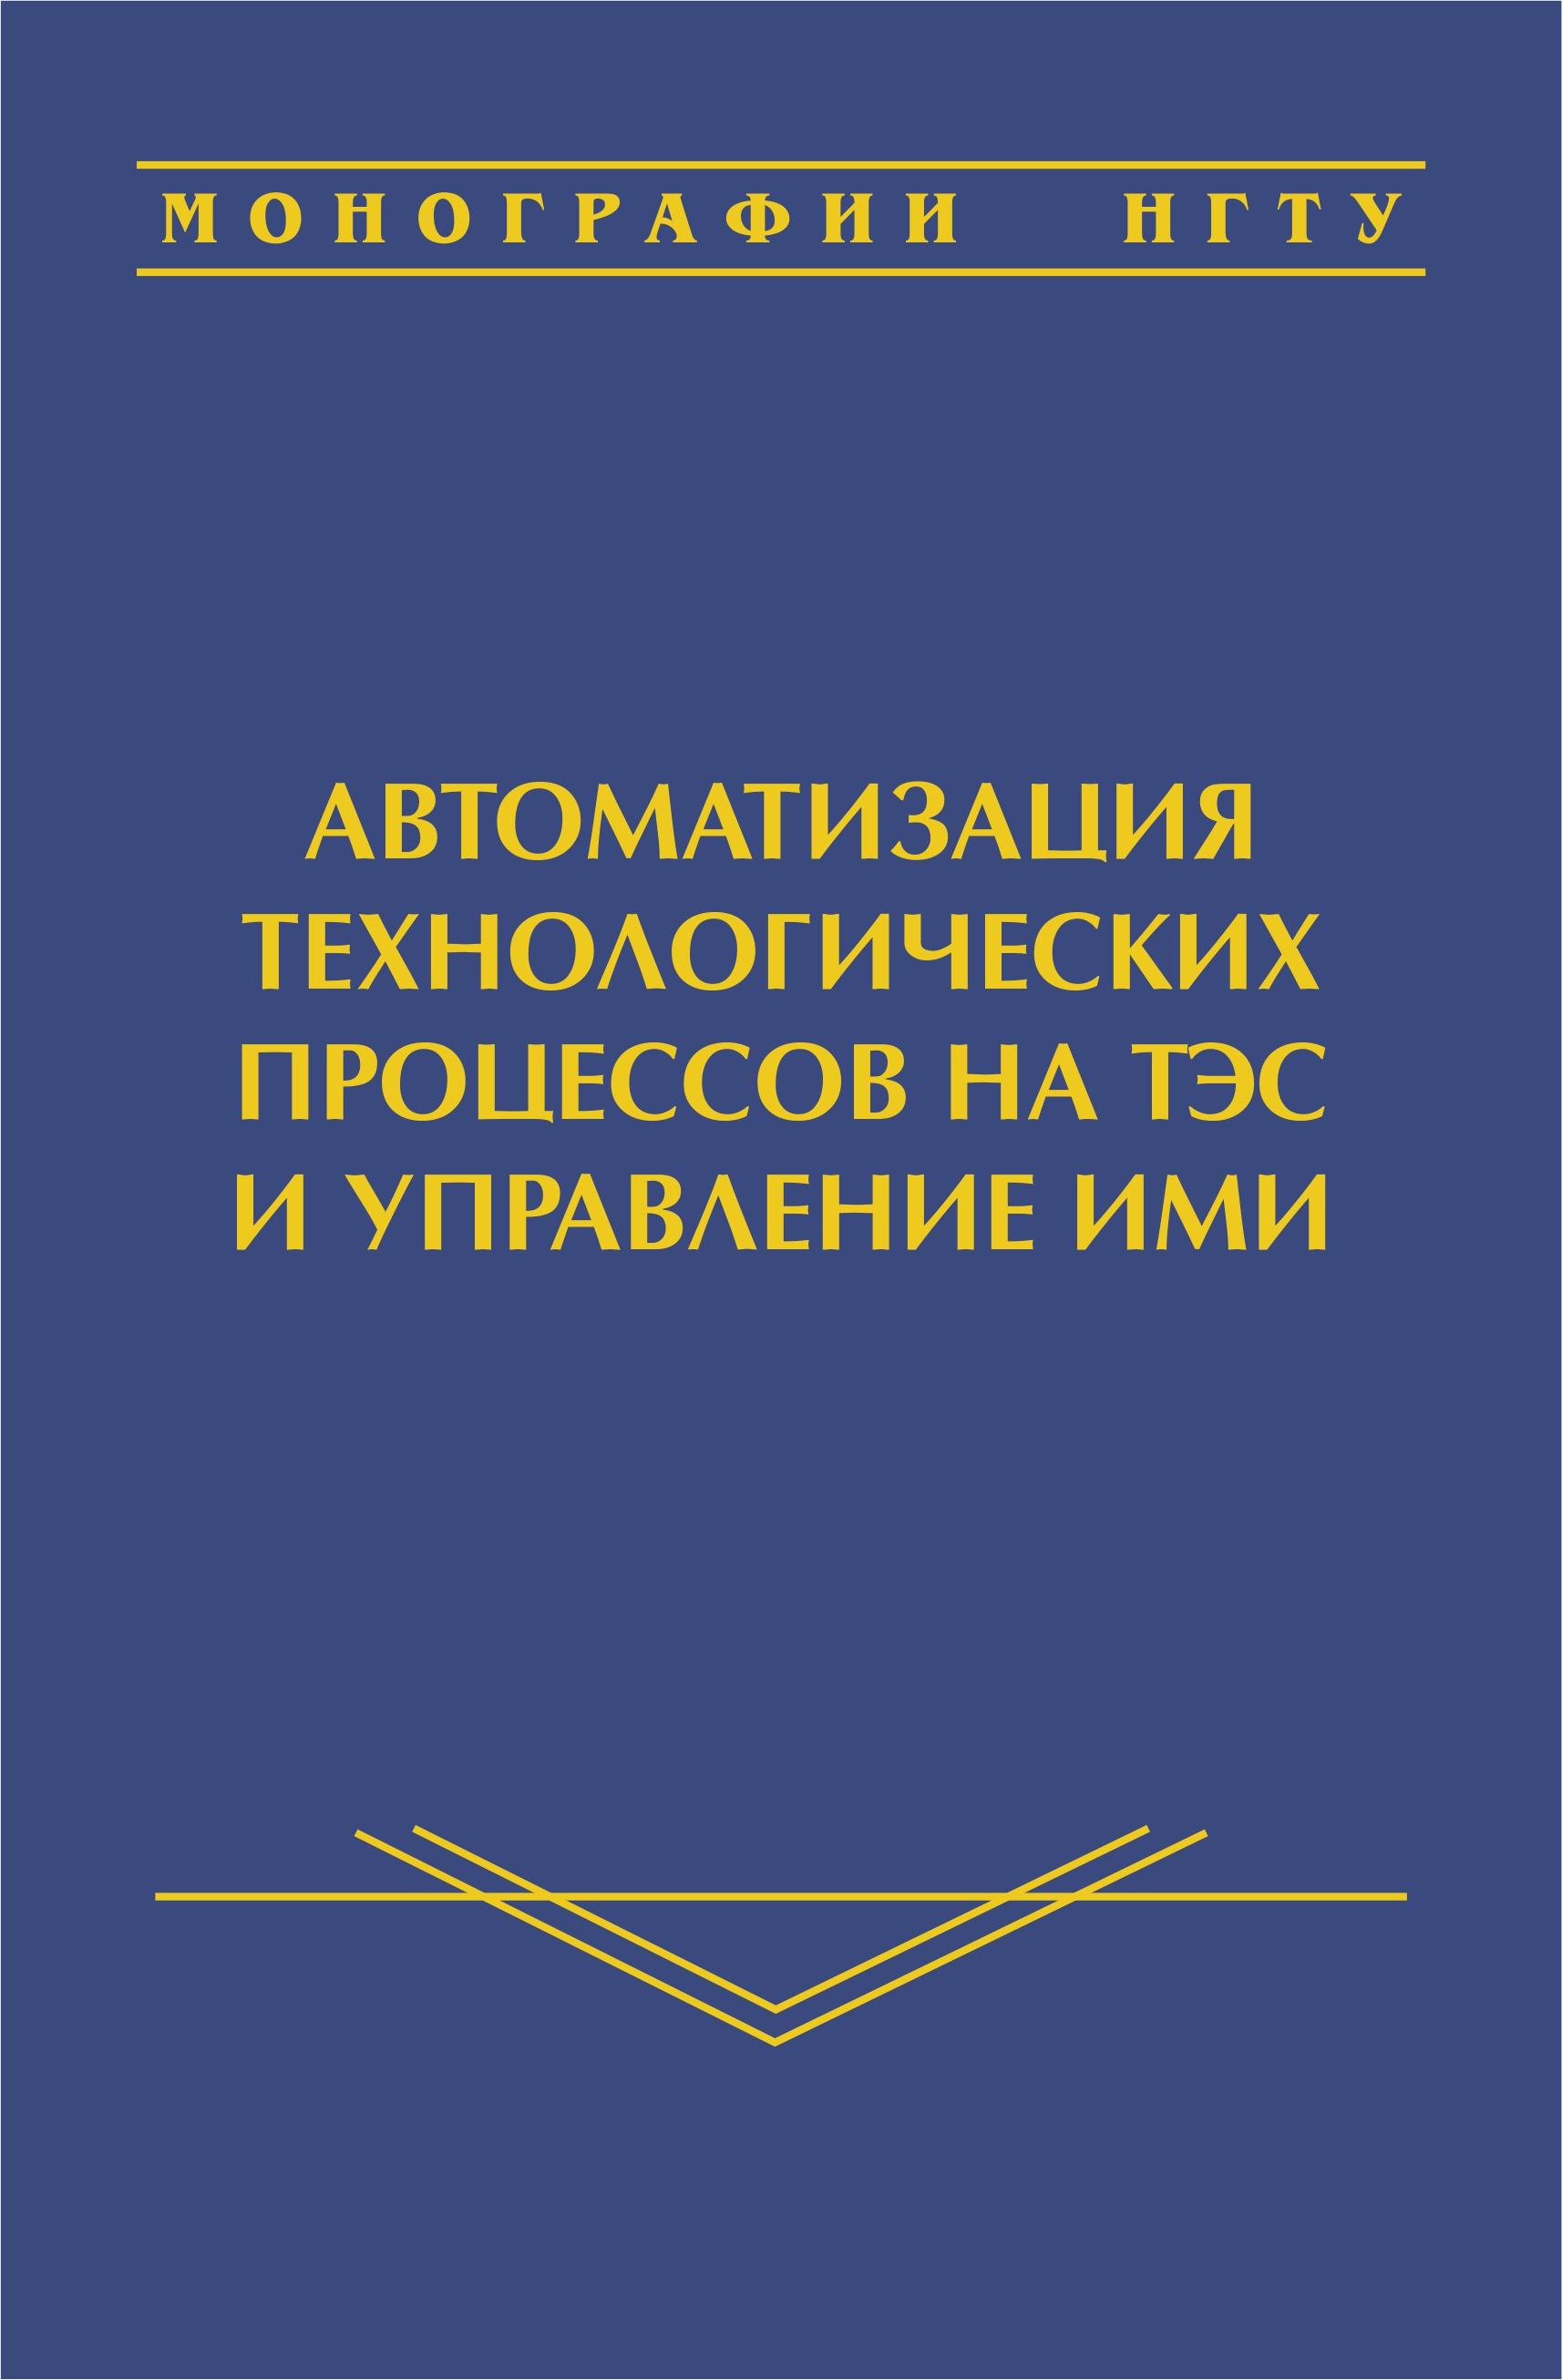 СТ РК 21.404-2002 АВТОМАТИЗАЦИЯ ТЕХНОЛОГИЧЕСКИХ ПРОЦЕССОВ СКАЧАТЬ БЕСПЛАТНО